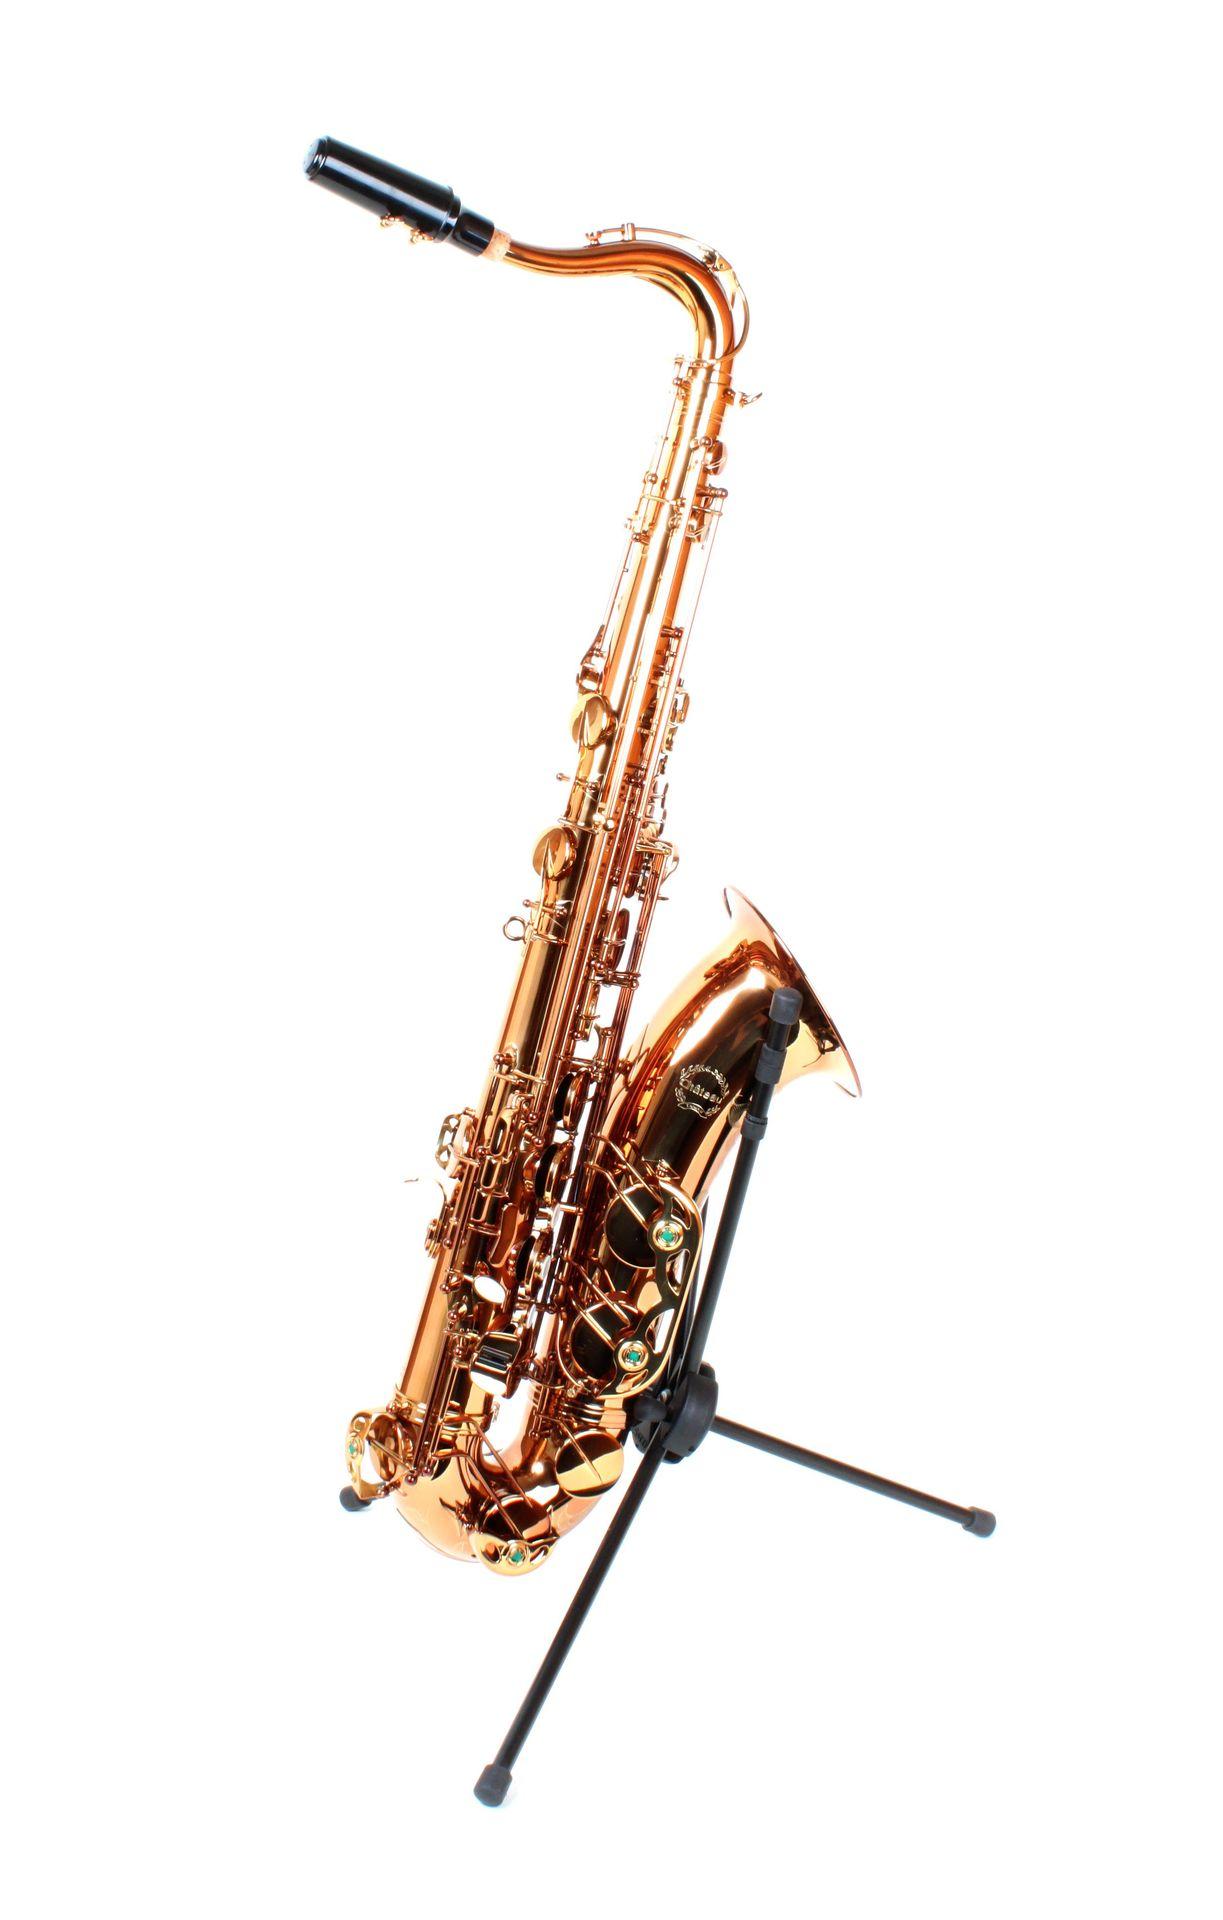 Chateau Tenorsaxophon CTS50/19, Powerbell Schallstück, dunkler Goldlack,